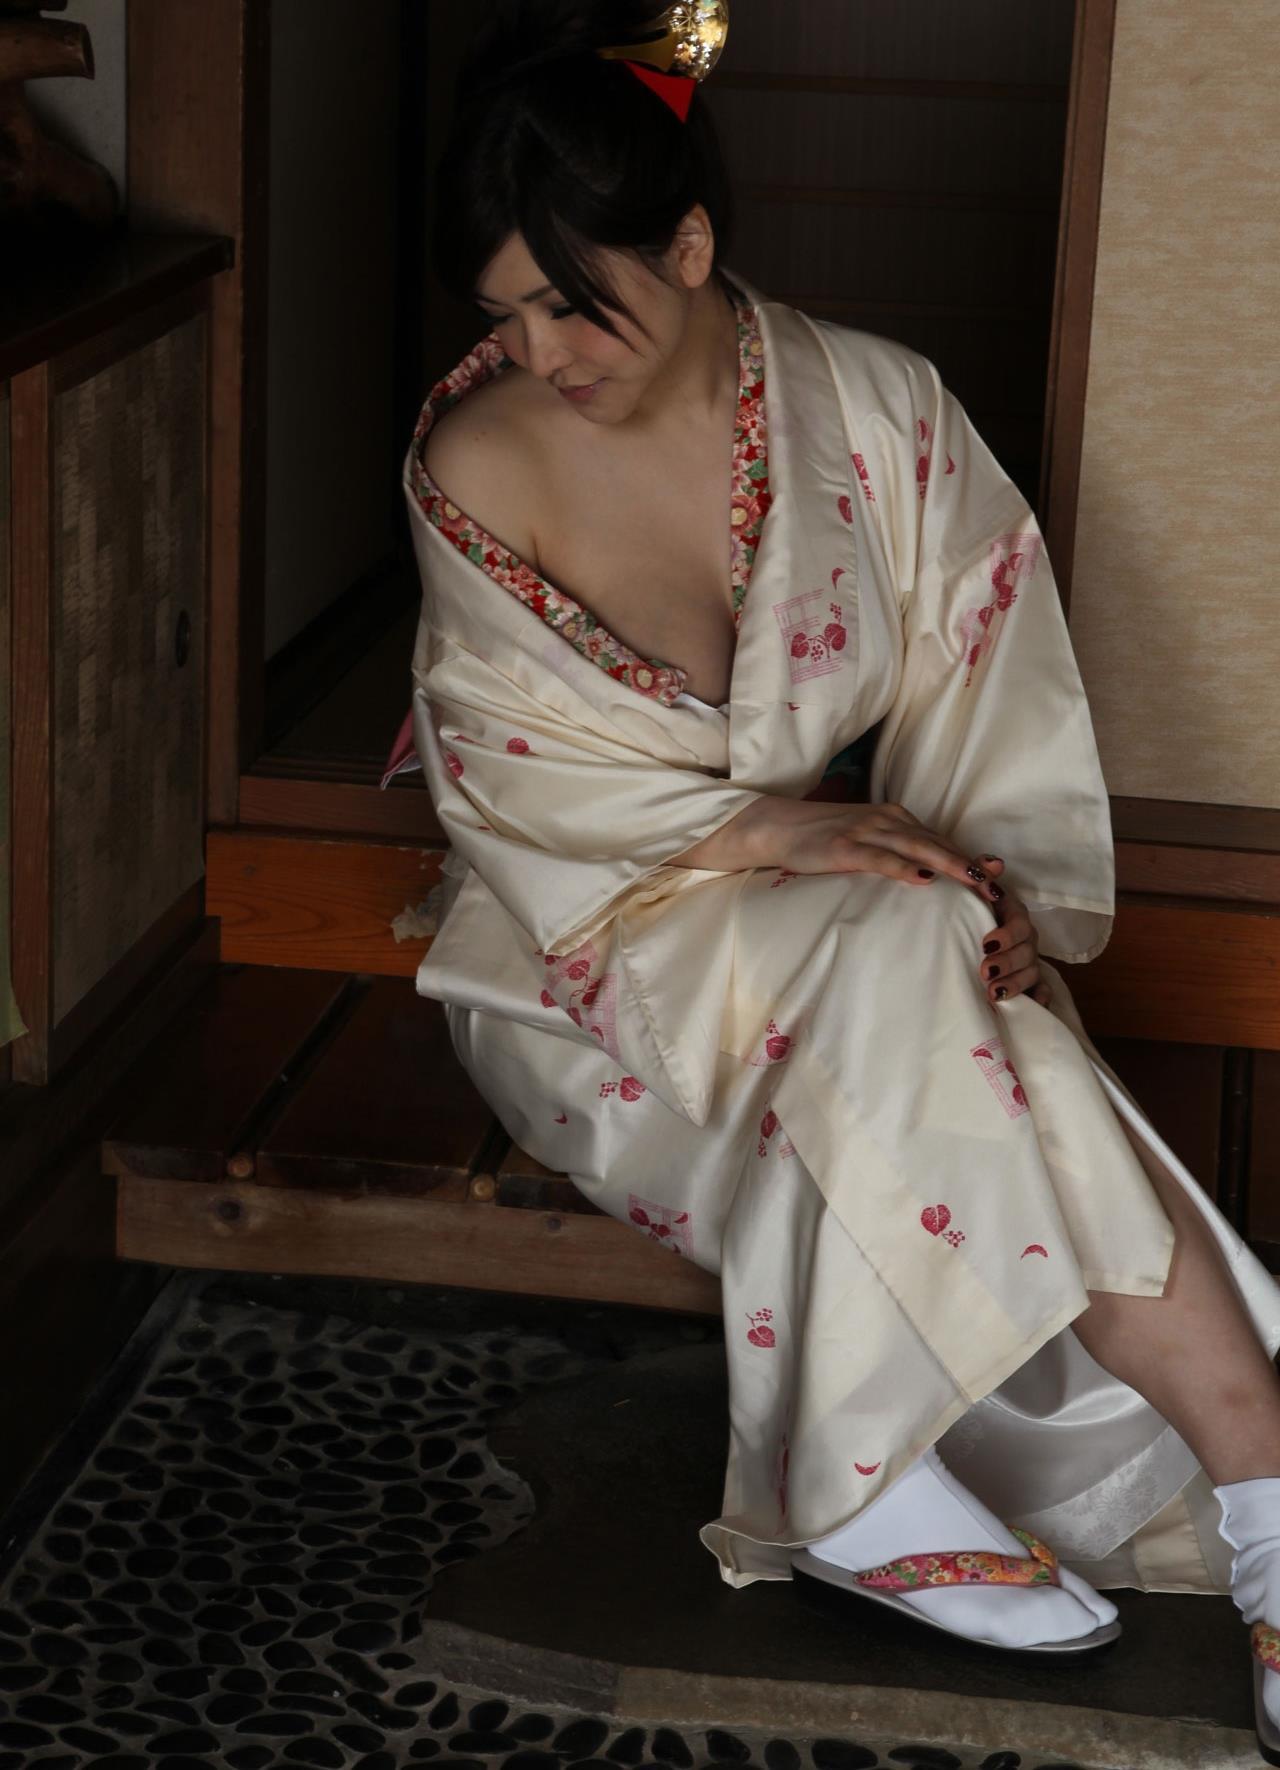 沖田杏梨 和服ヌード AV女優 エロ画像.com